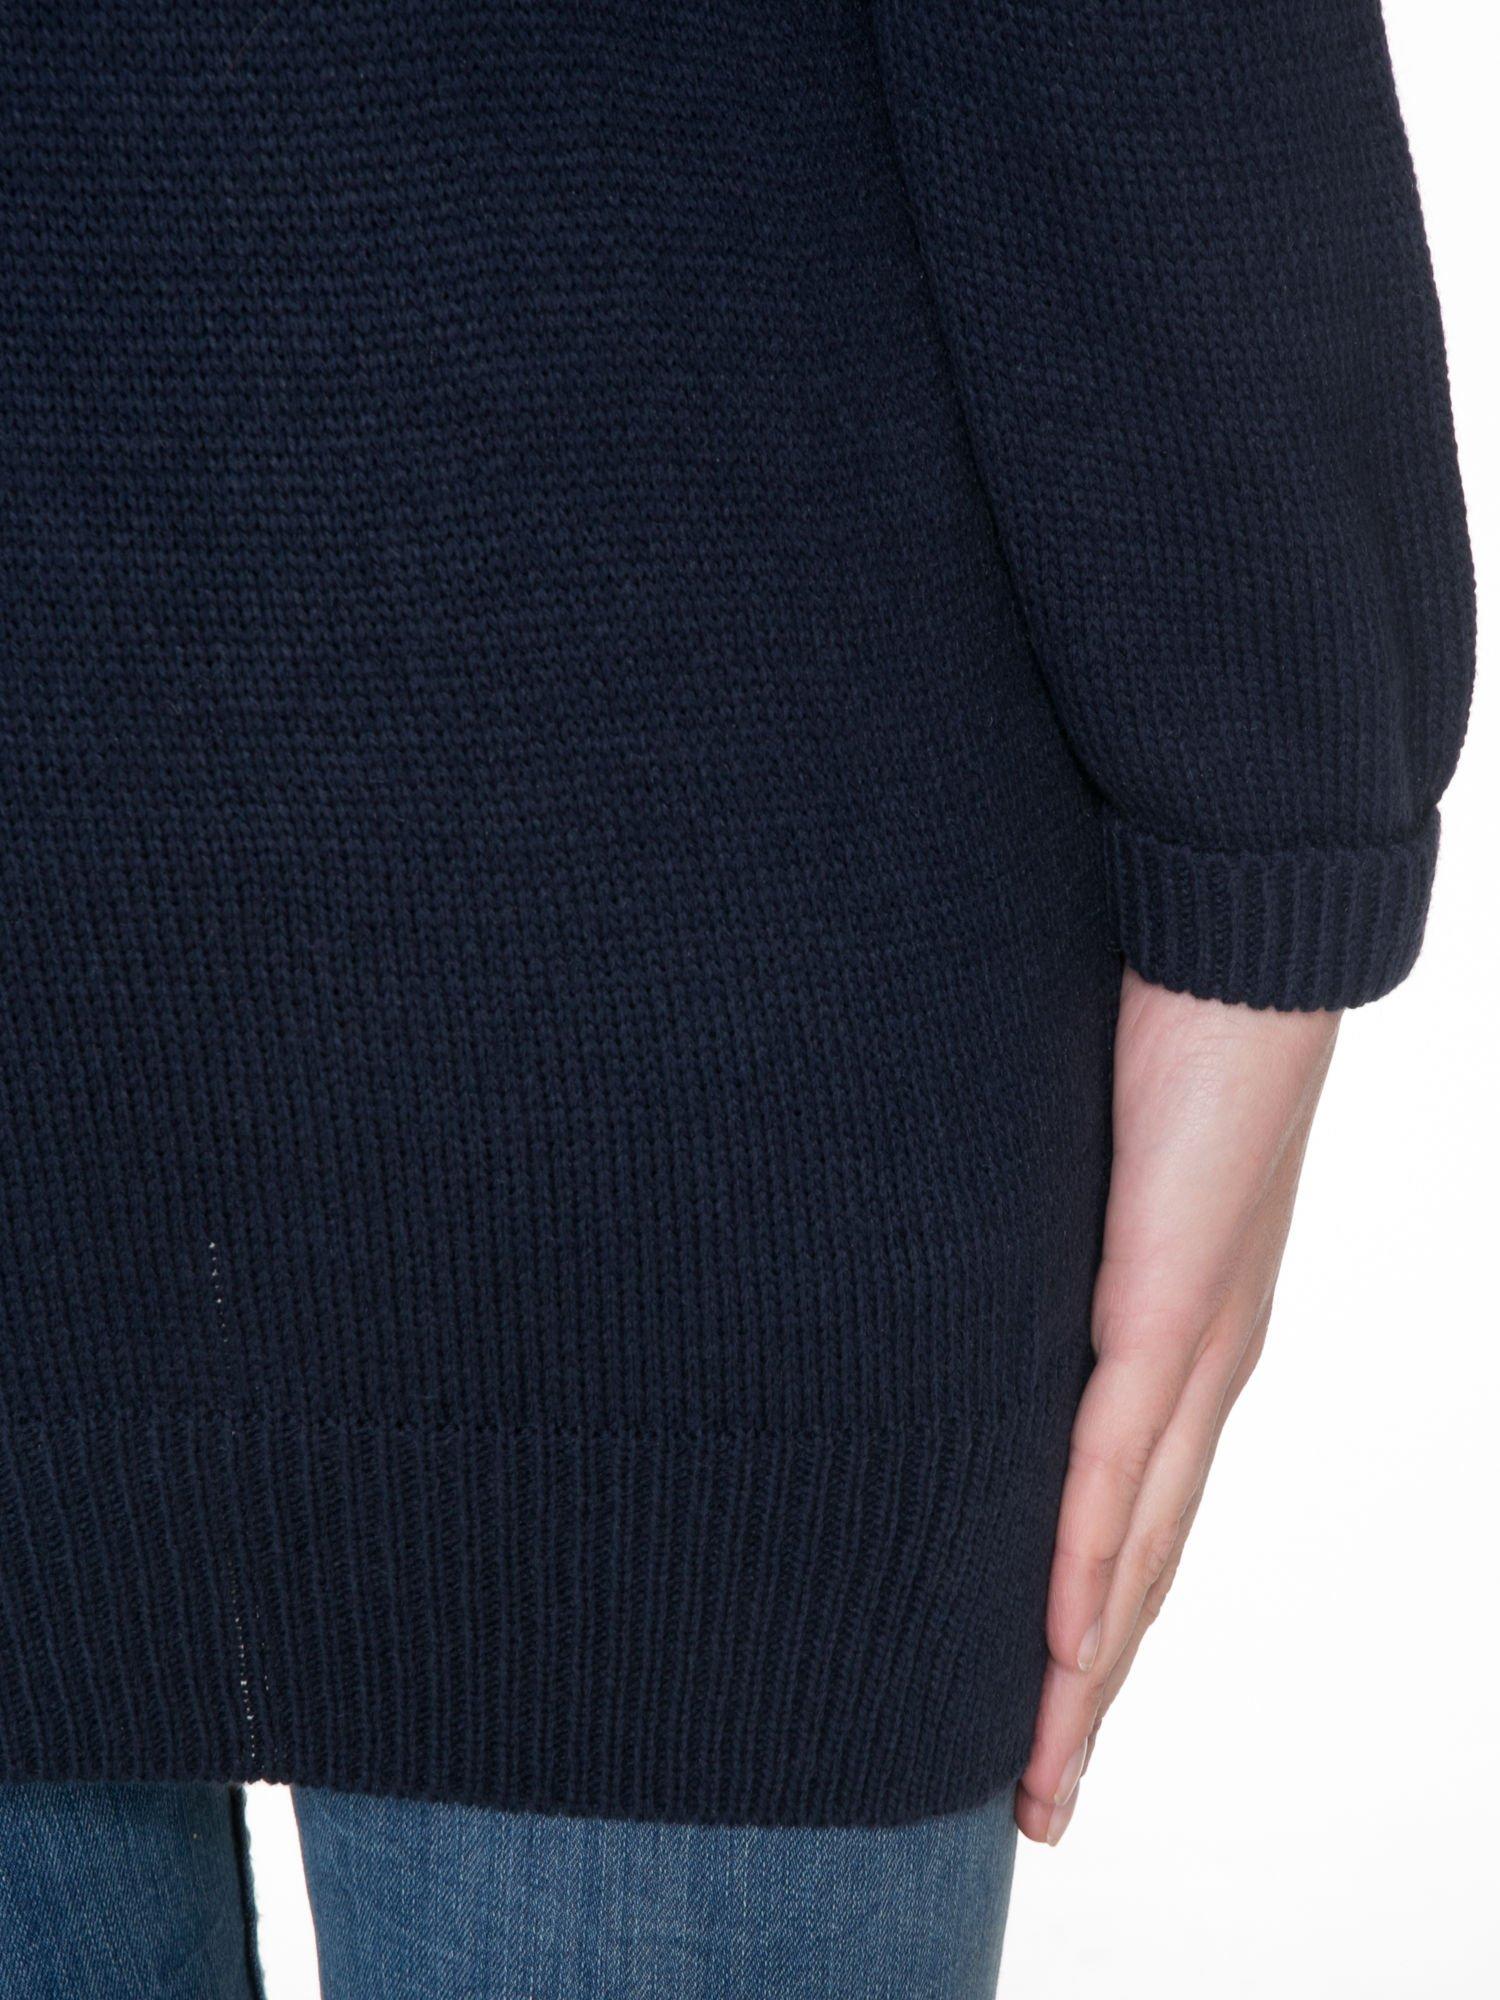 Granatowy sweter z nadrukiem WANTED i dżetami                                  zdj.                                  8